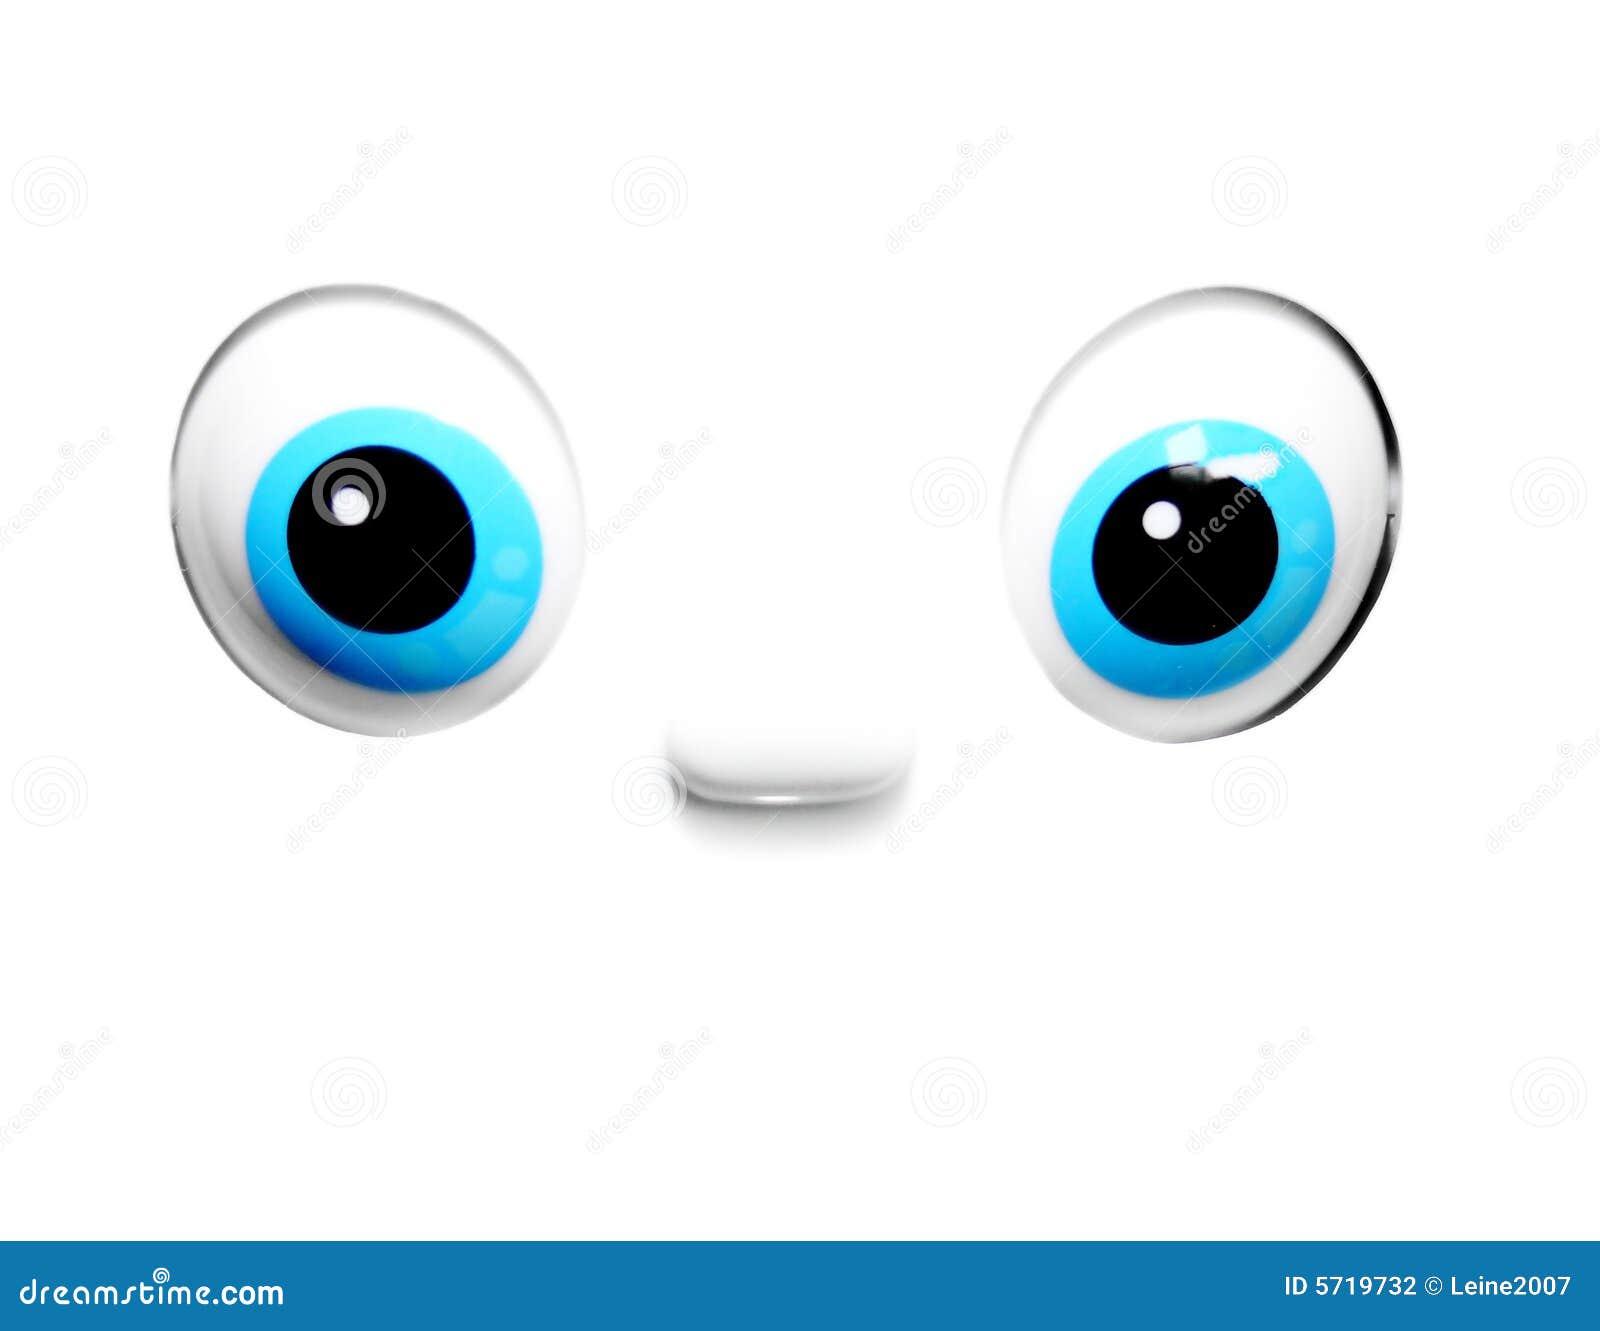 Animated Blue Eyes Stock Photography - Image: 5719732